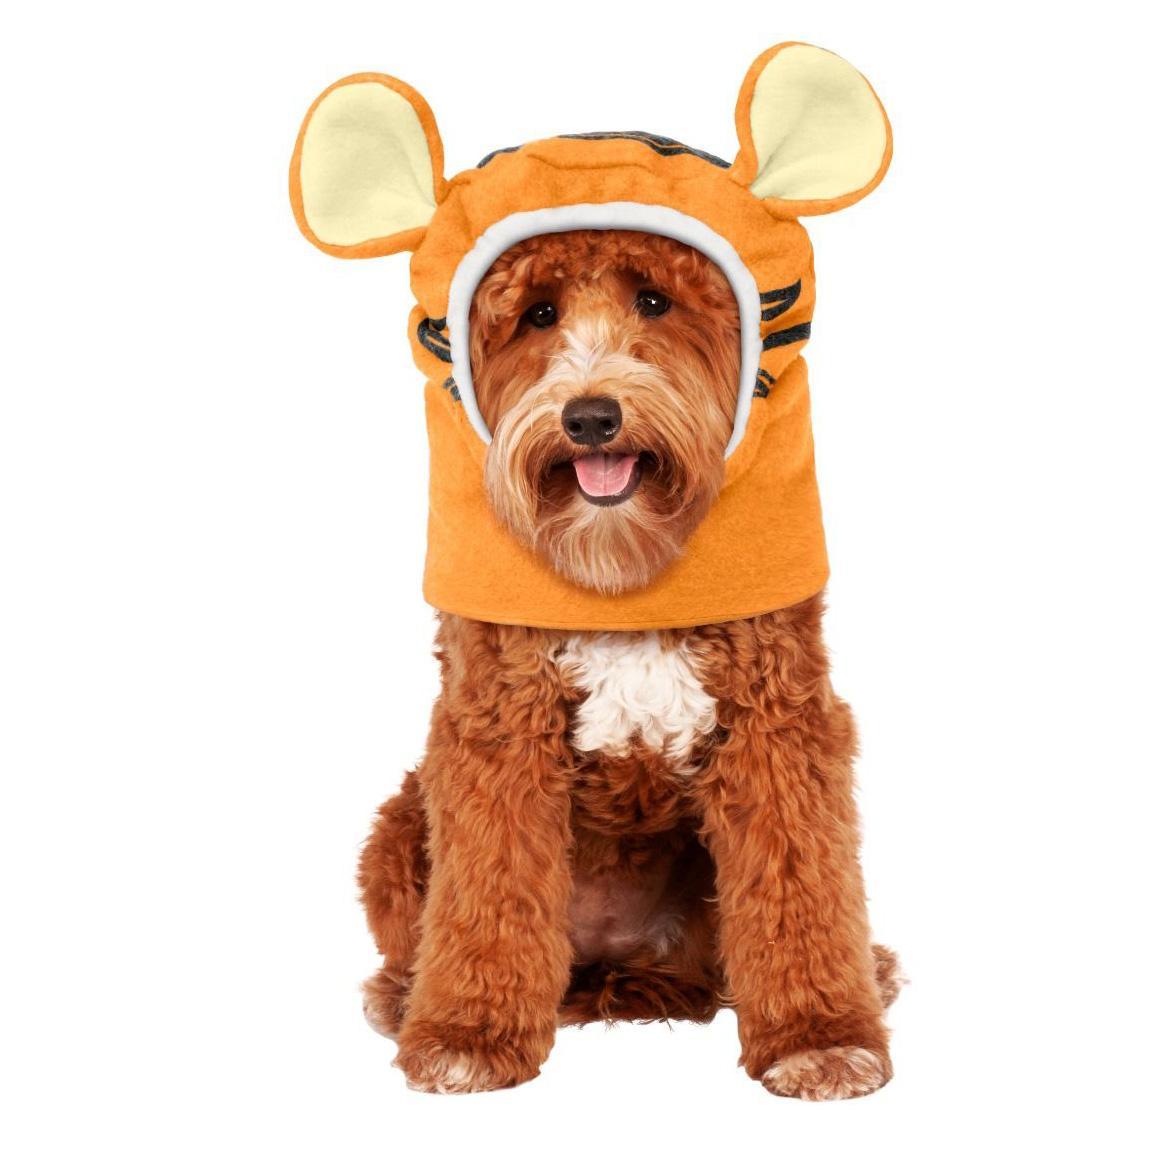 6292f31e1737 Winnie The Pooh Tigger Dog Costume Accessorie...